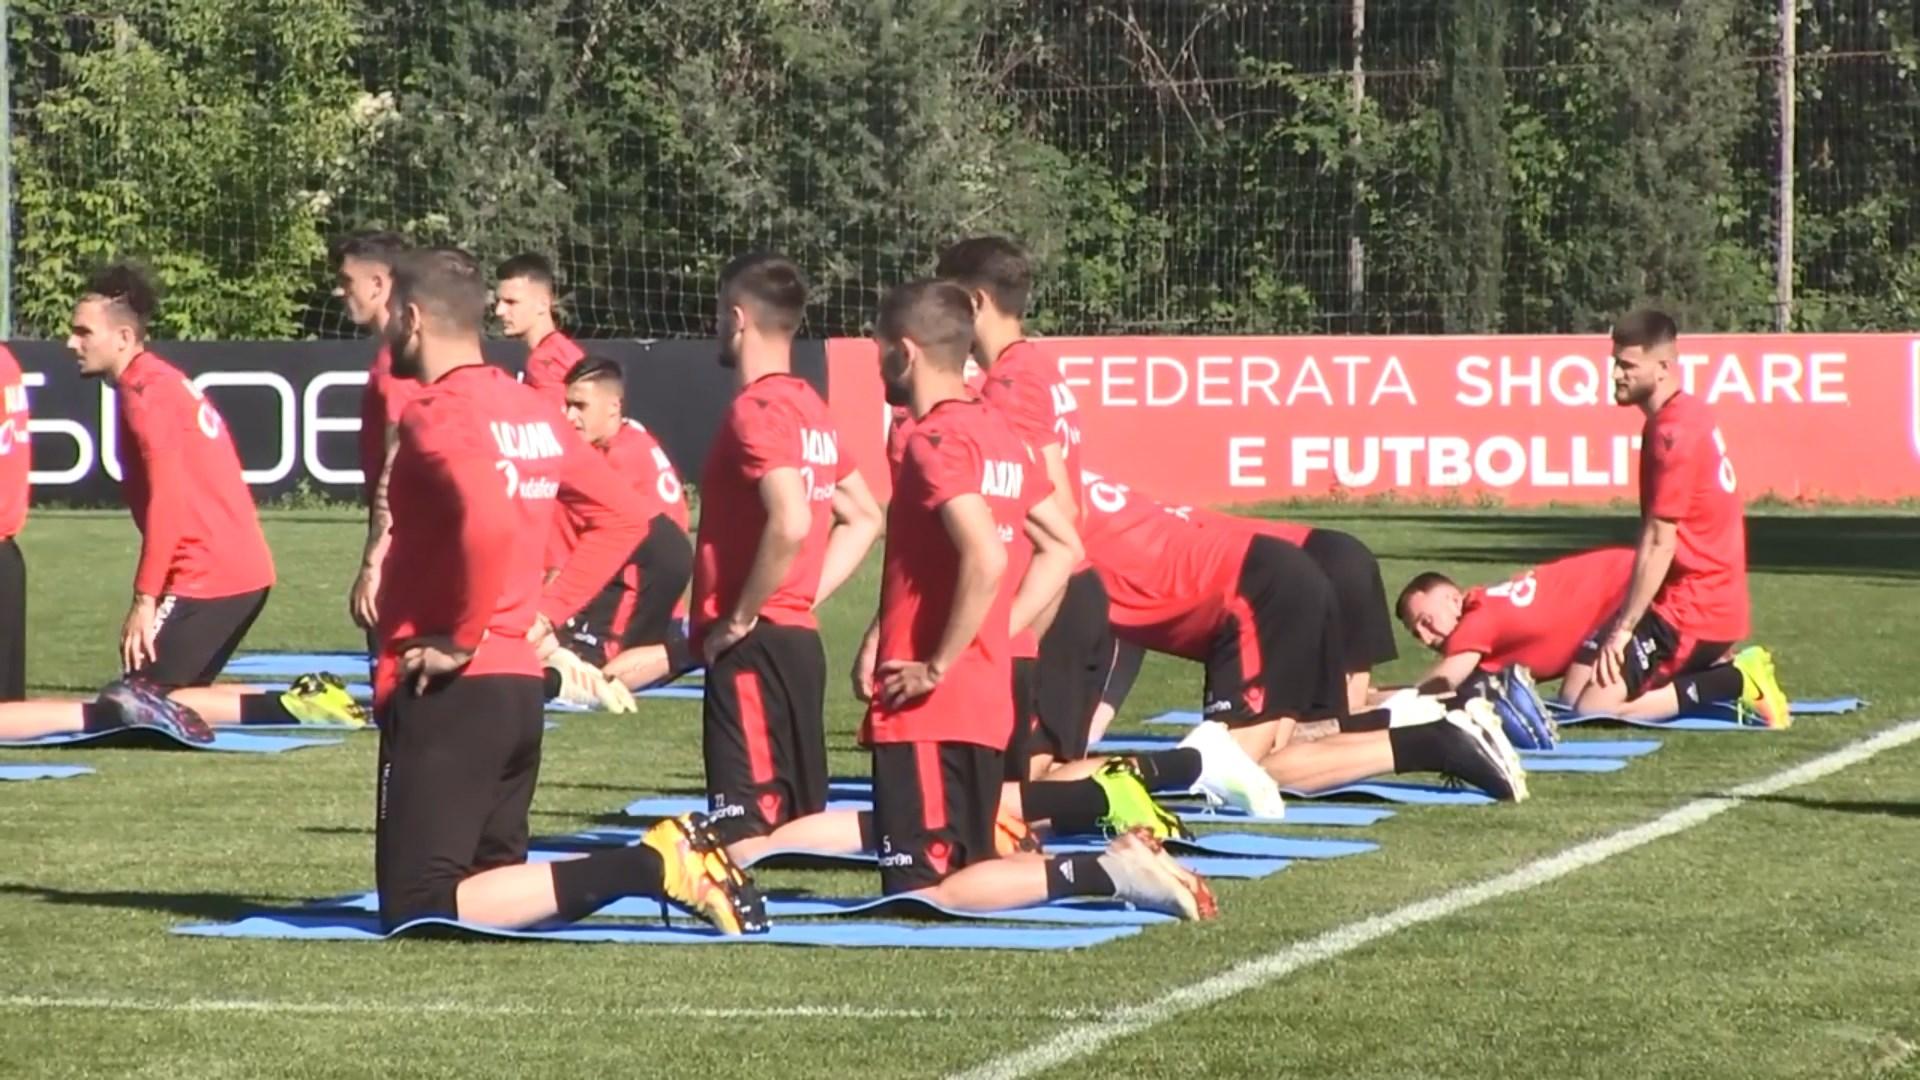 Trajneri Reja mendon për skemën ndaj Islandës dhe Moldavisë